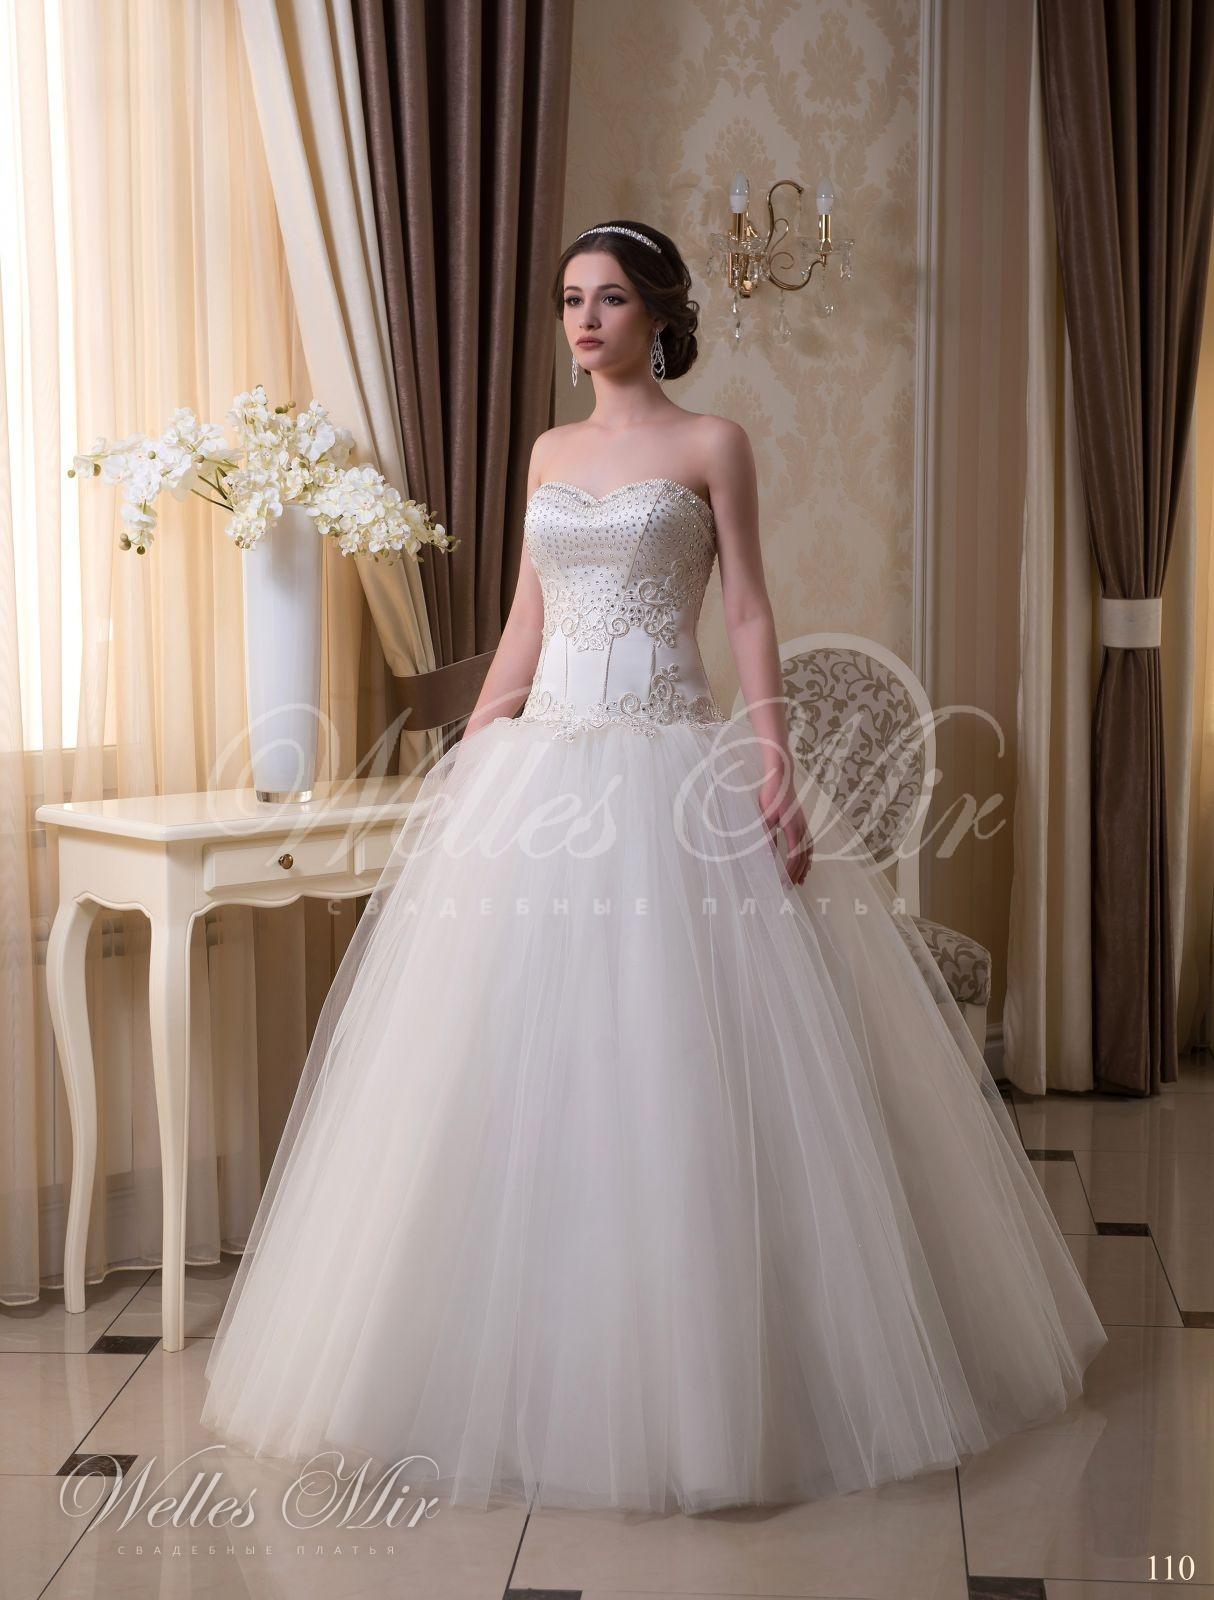 Свадебные платья Charming Elegance - 110